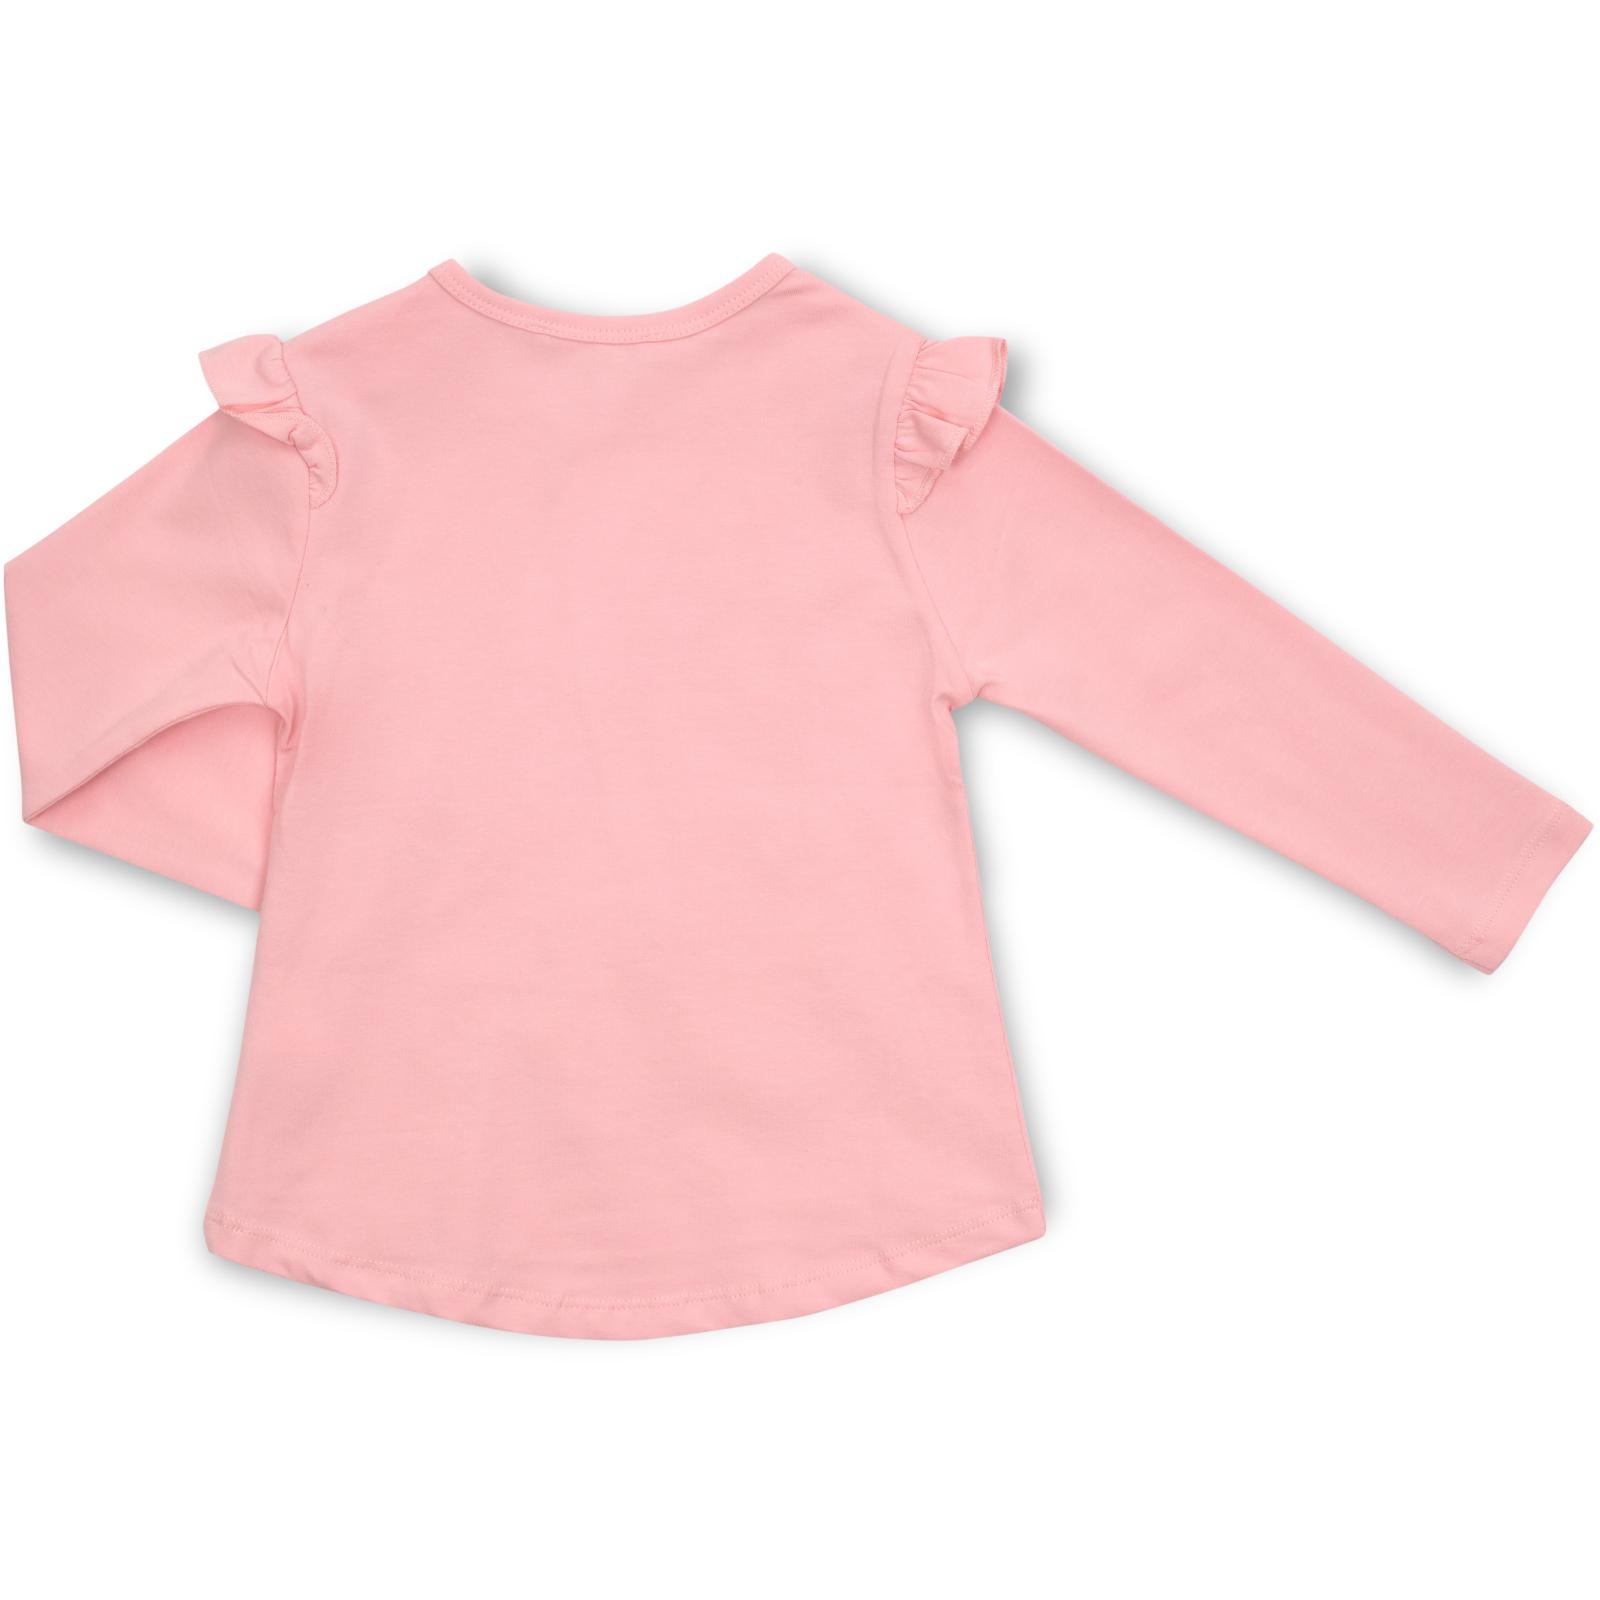 Набор детской одежды Breeze с зайчиком в цветах (13299-92G-pink) изображение 5